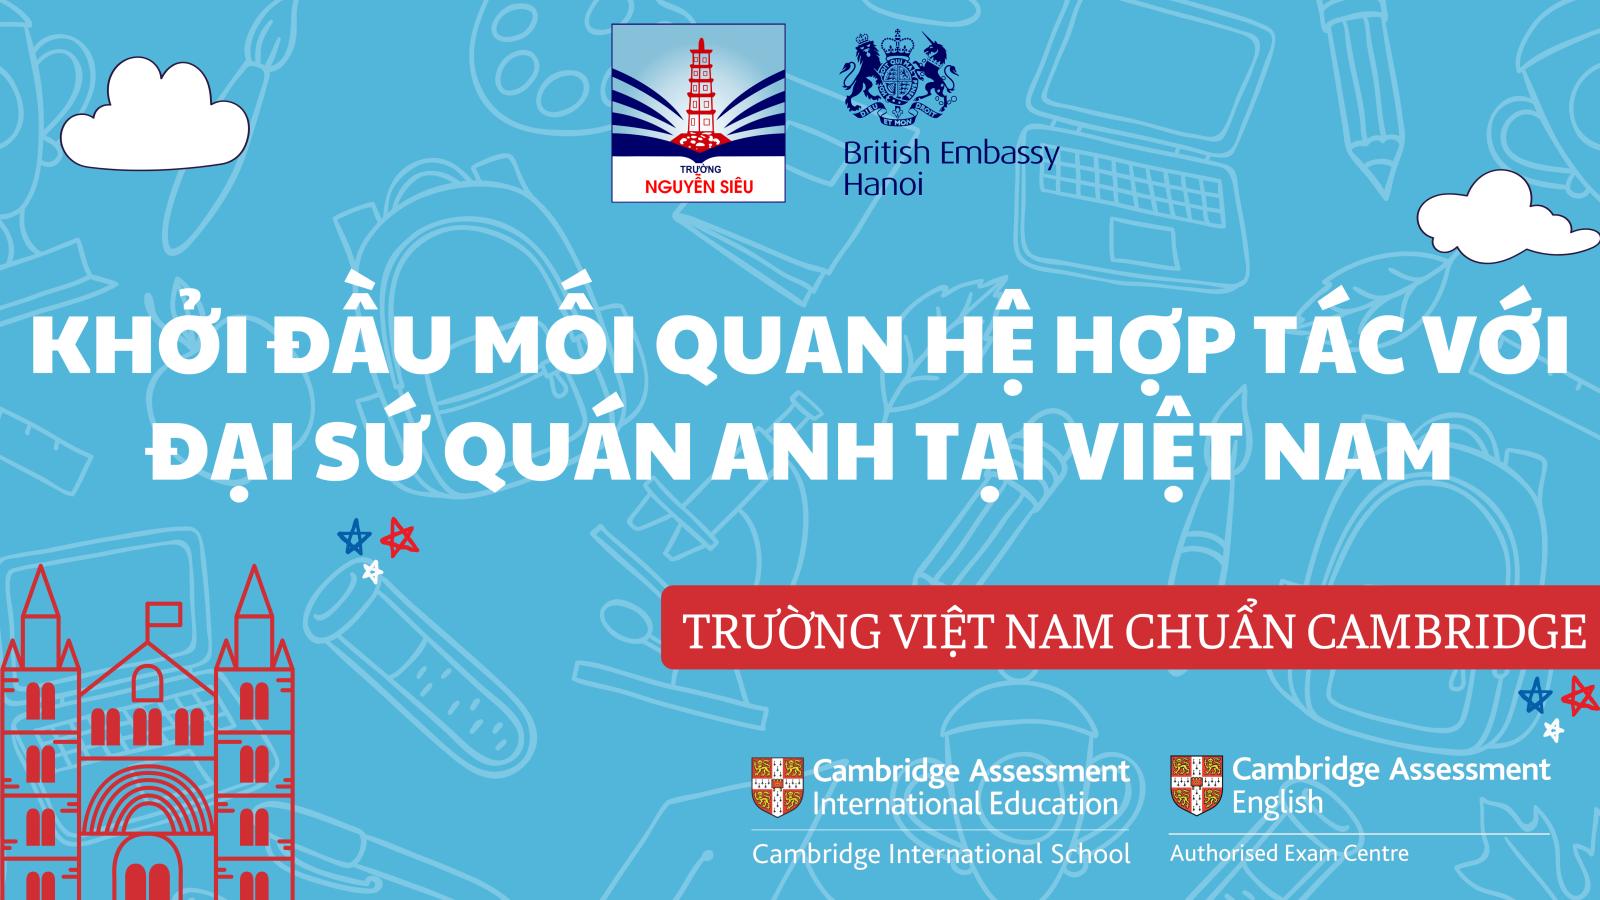 Khởi đầu mối quan hệ hợp tác với Đại sứ quán Anh tại Việt Nam